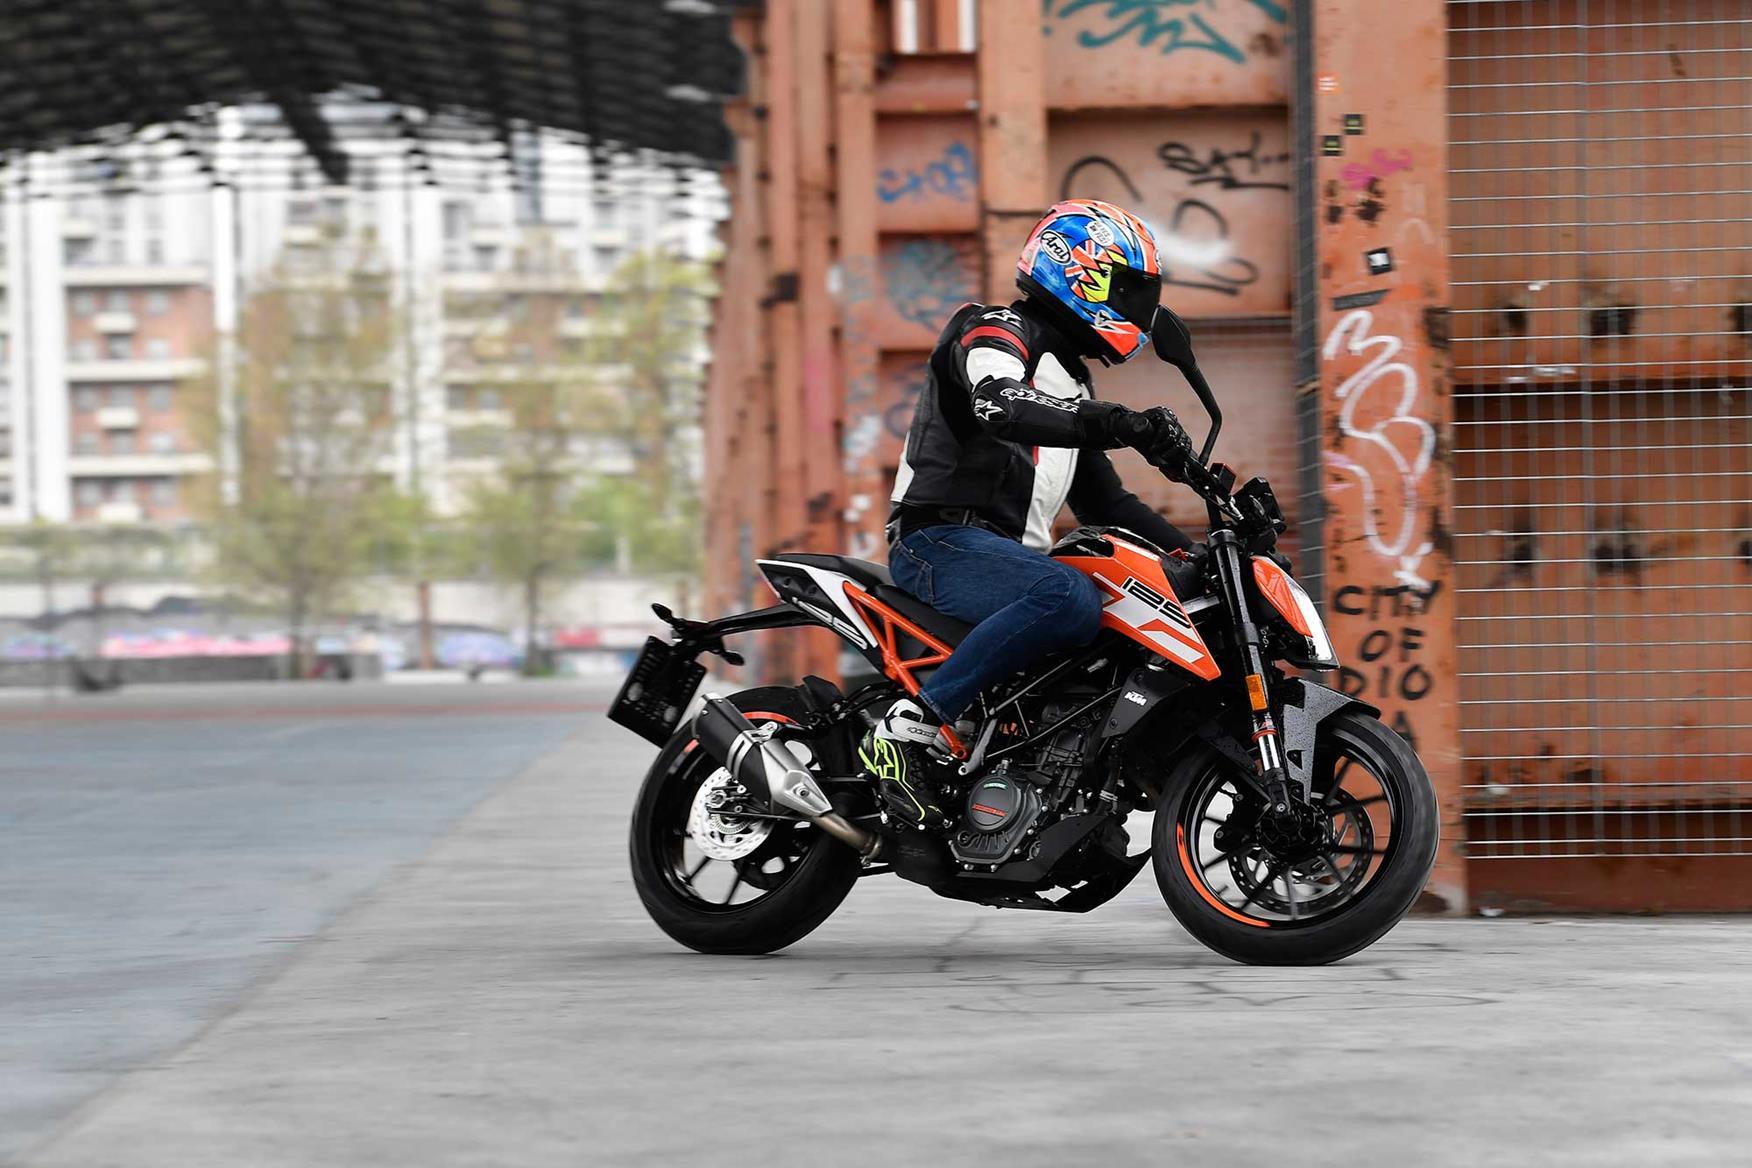 The KTM 125 Duke in action